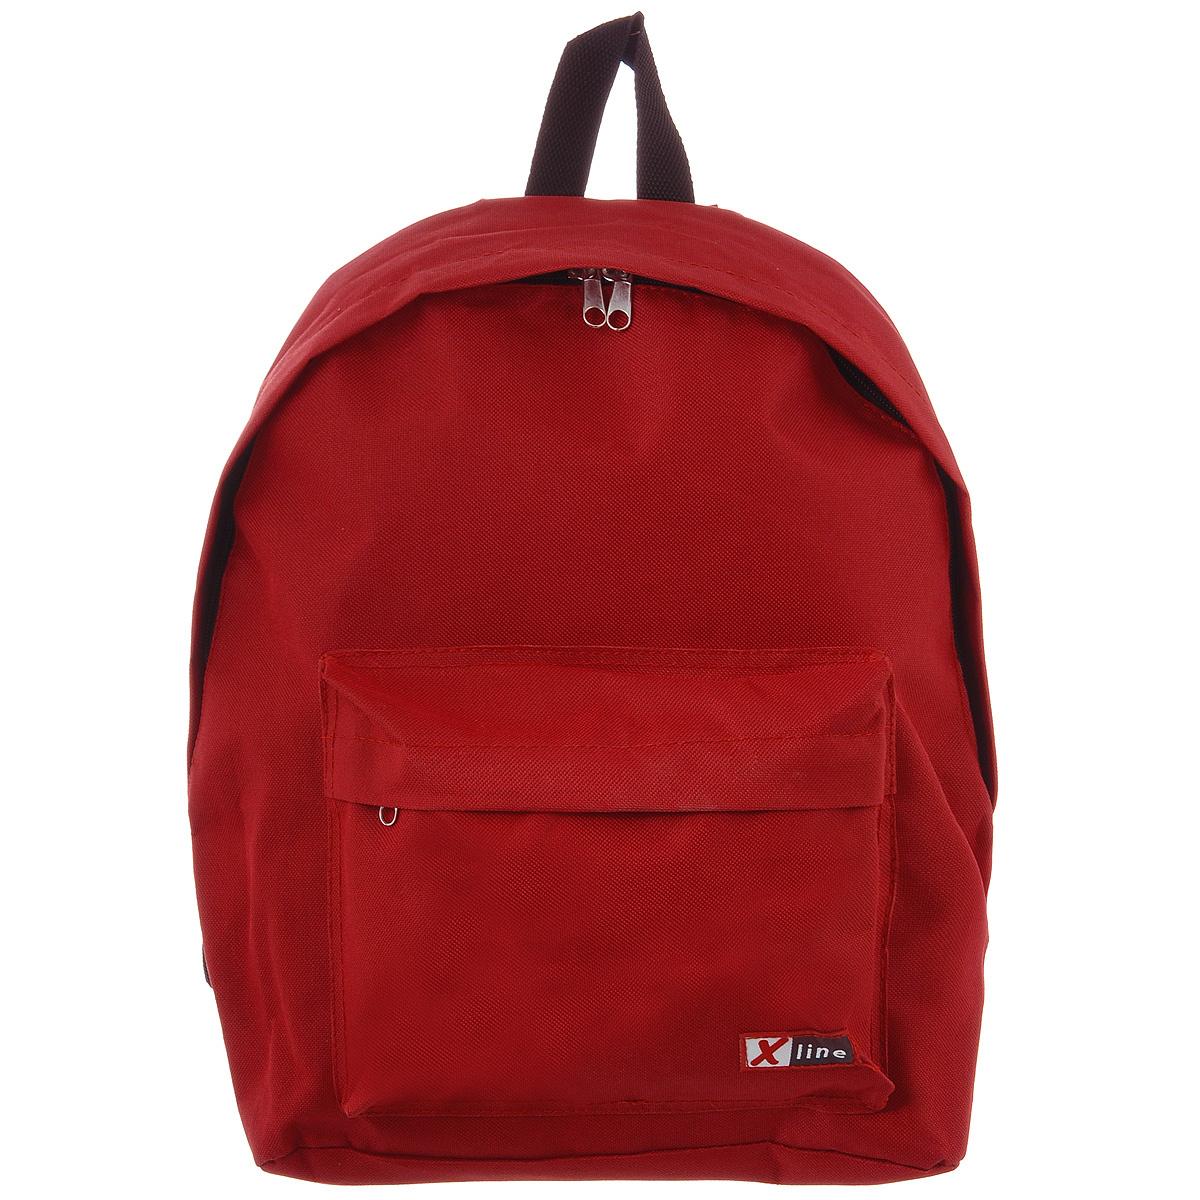 """Рюкзак Proff """"X-line"""", цвет: красный. XL14-169 #1"""